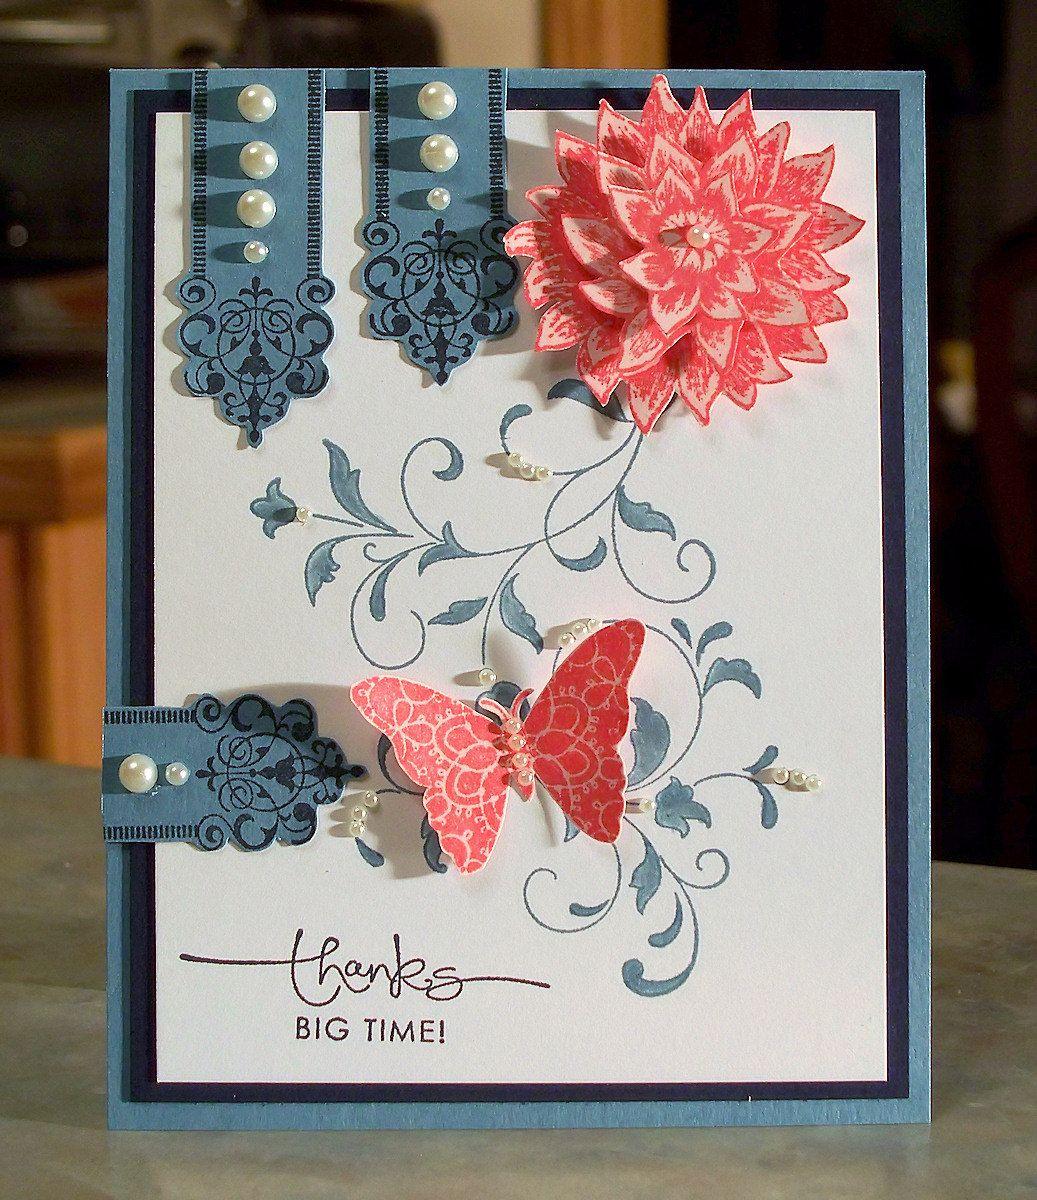 составляющие открытки благодарности спасибо своими руками варианты остекления эконом